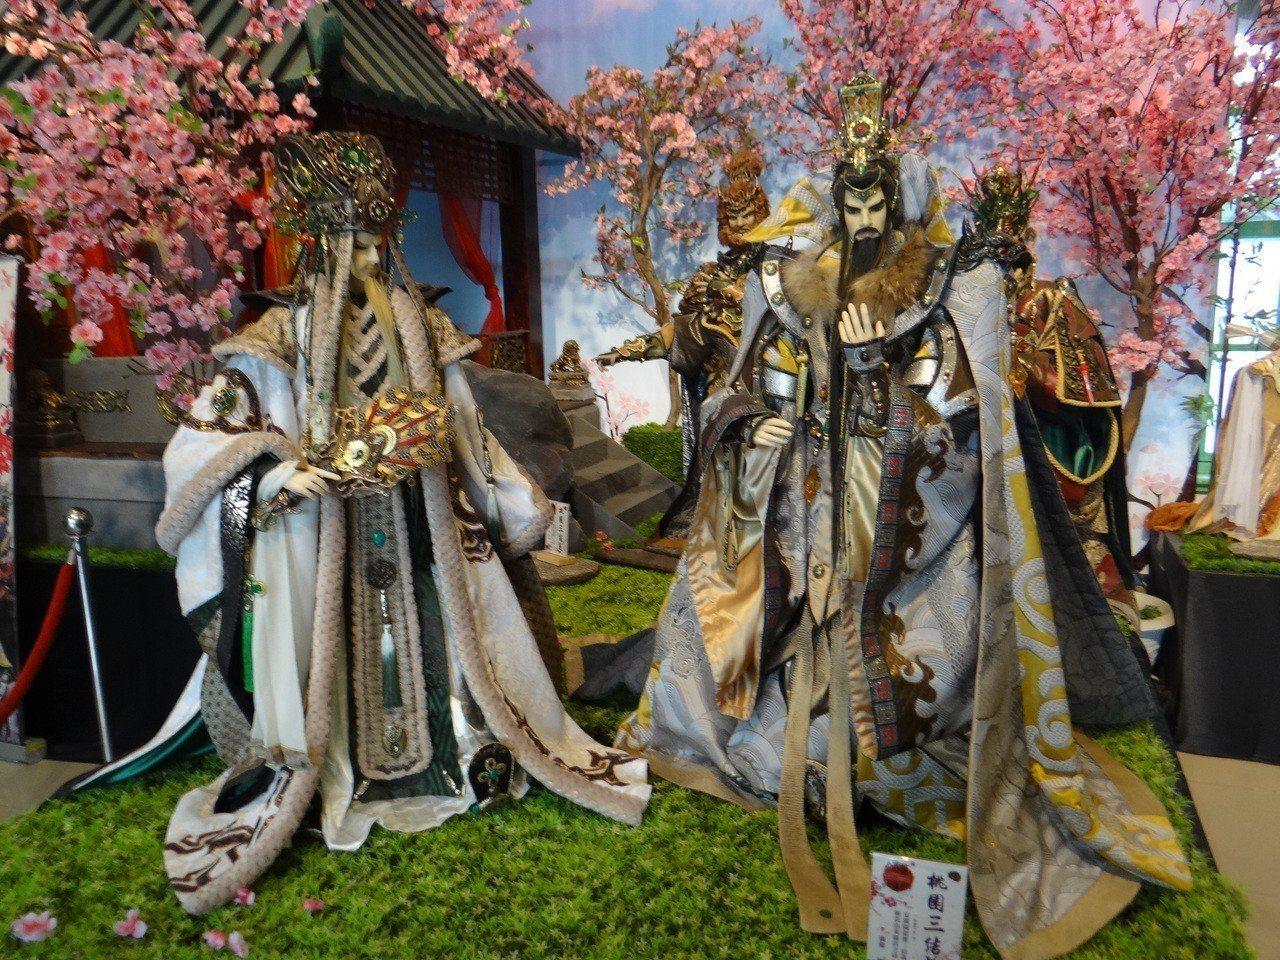 布袋戲館可一覽雲林豐富的偶戲文化。記者蔡維斌/攝影